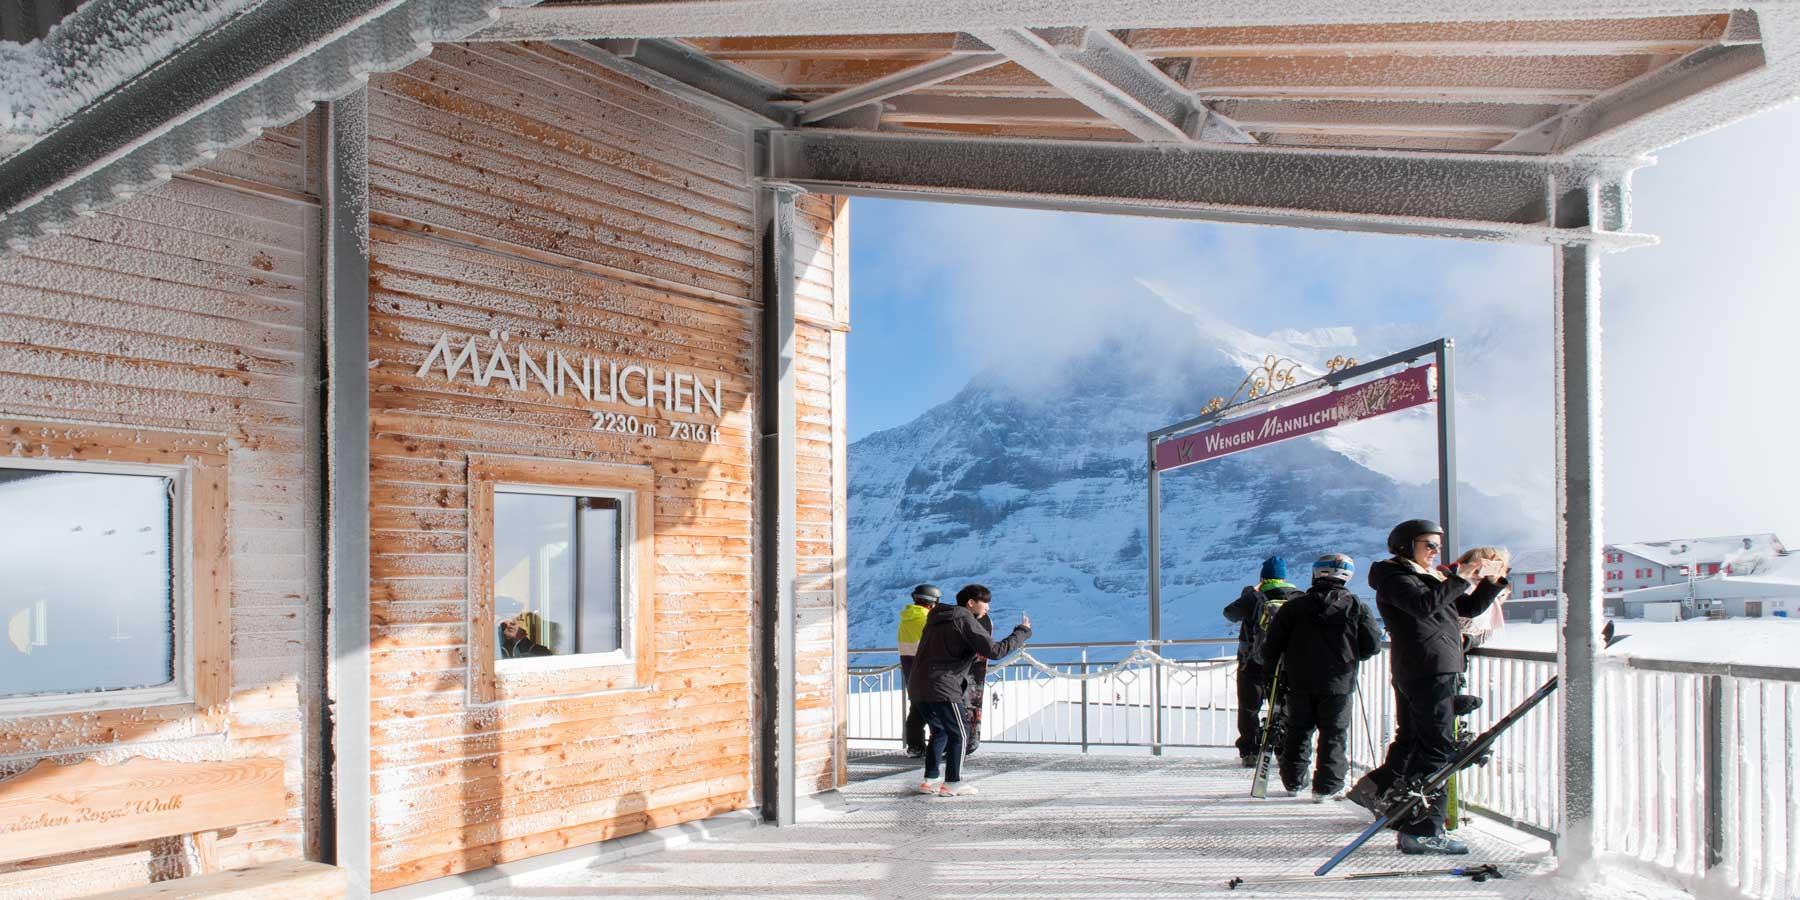 Wengen-Maennlichen-Alpine